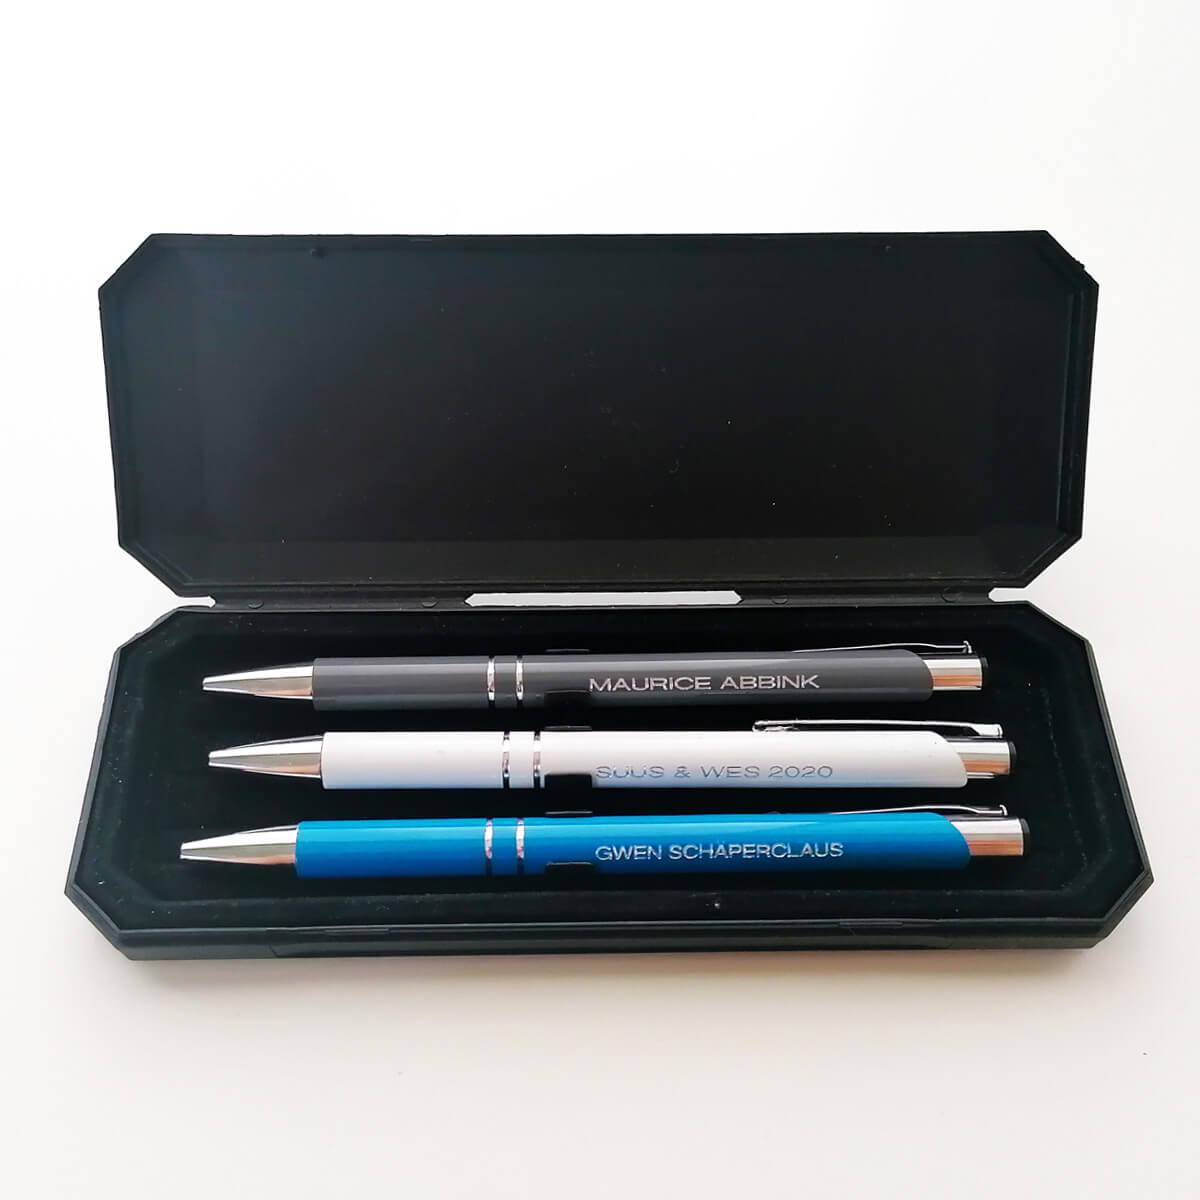 Elke pen individueel gepersonaliseerd